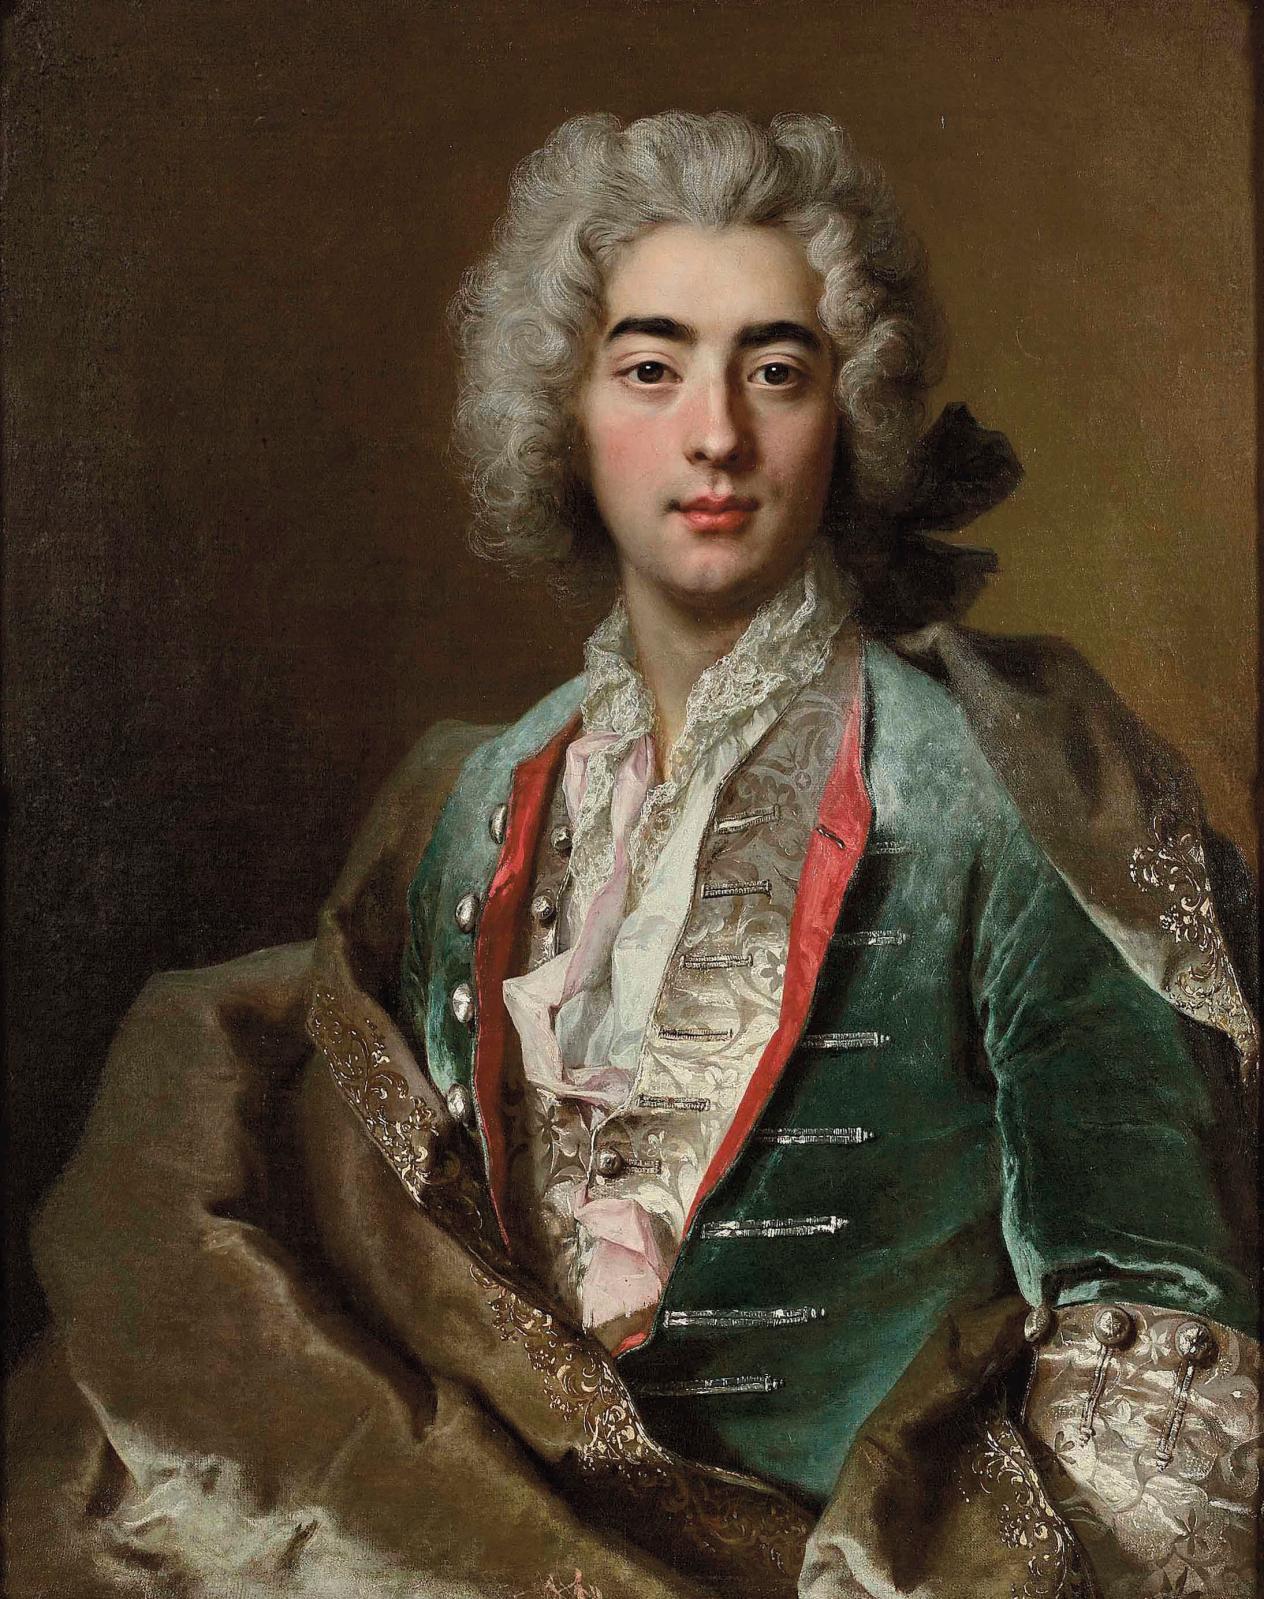 Nicolas deLargillière (1656-1746), Portrait présumé de Jean André Soubry (1703-1774), huile sur toile, 81x65cm. Estimation: 30000/40000€